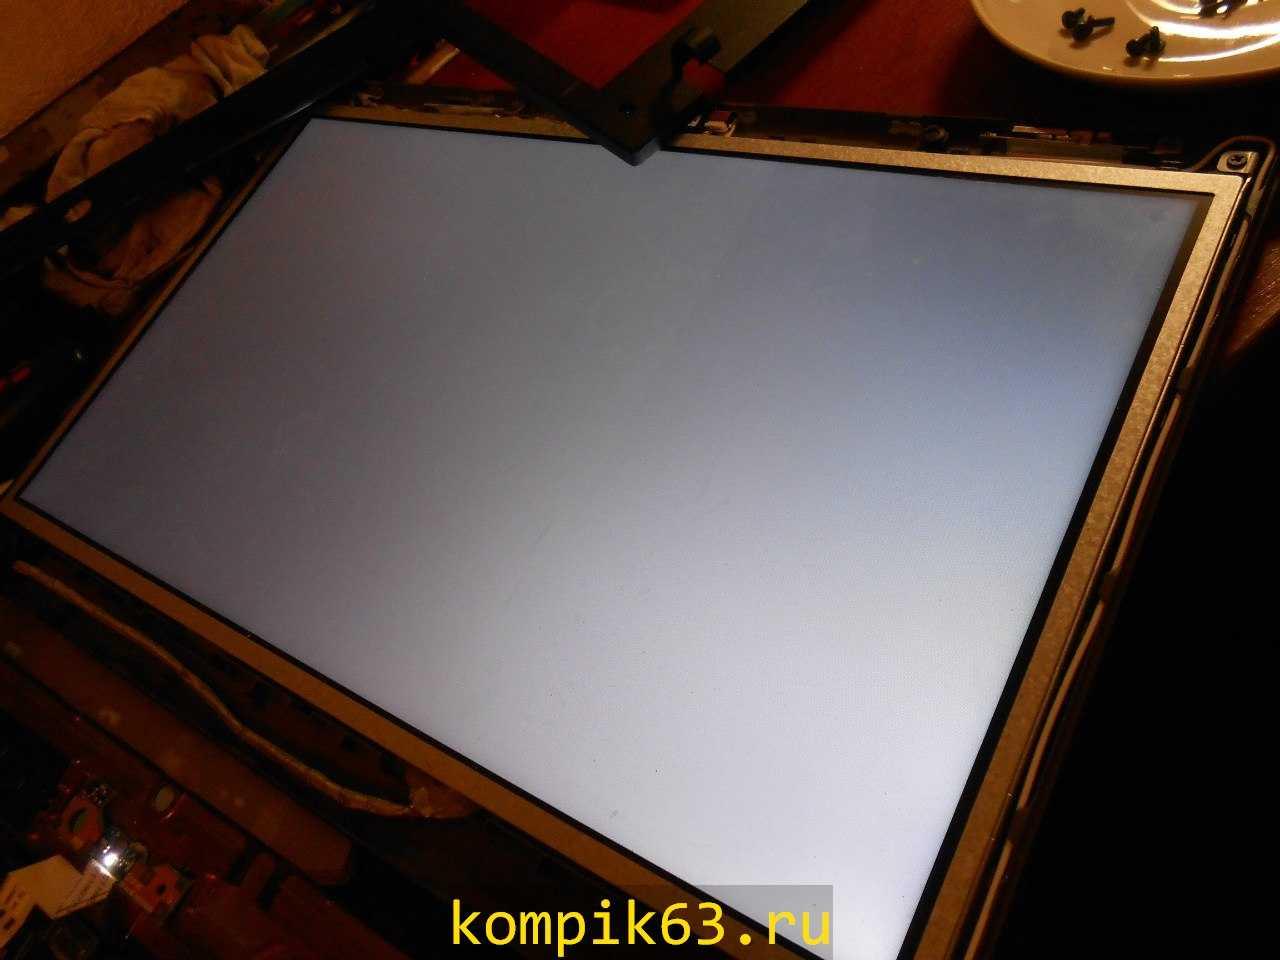 kompik63.ru-170